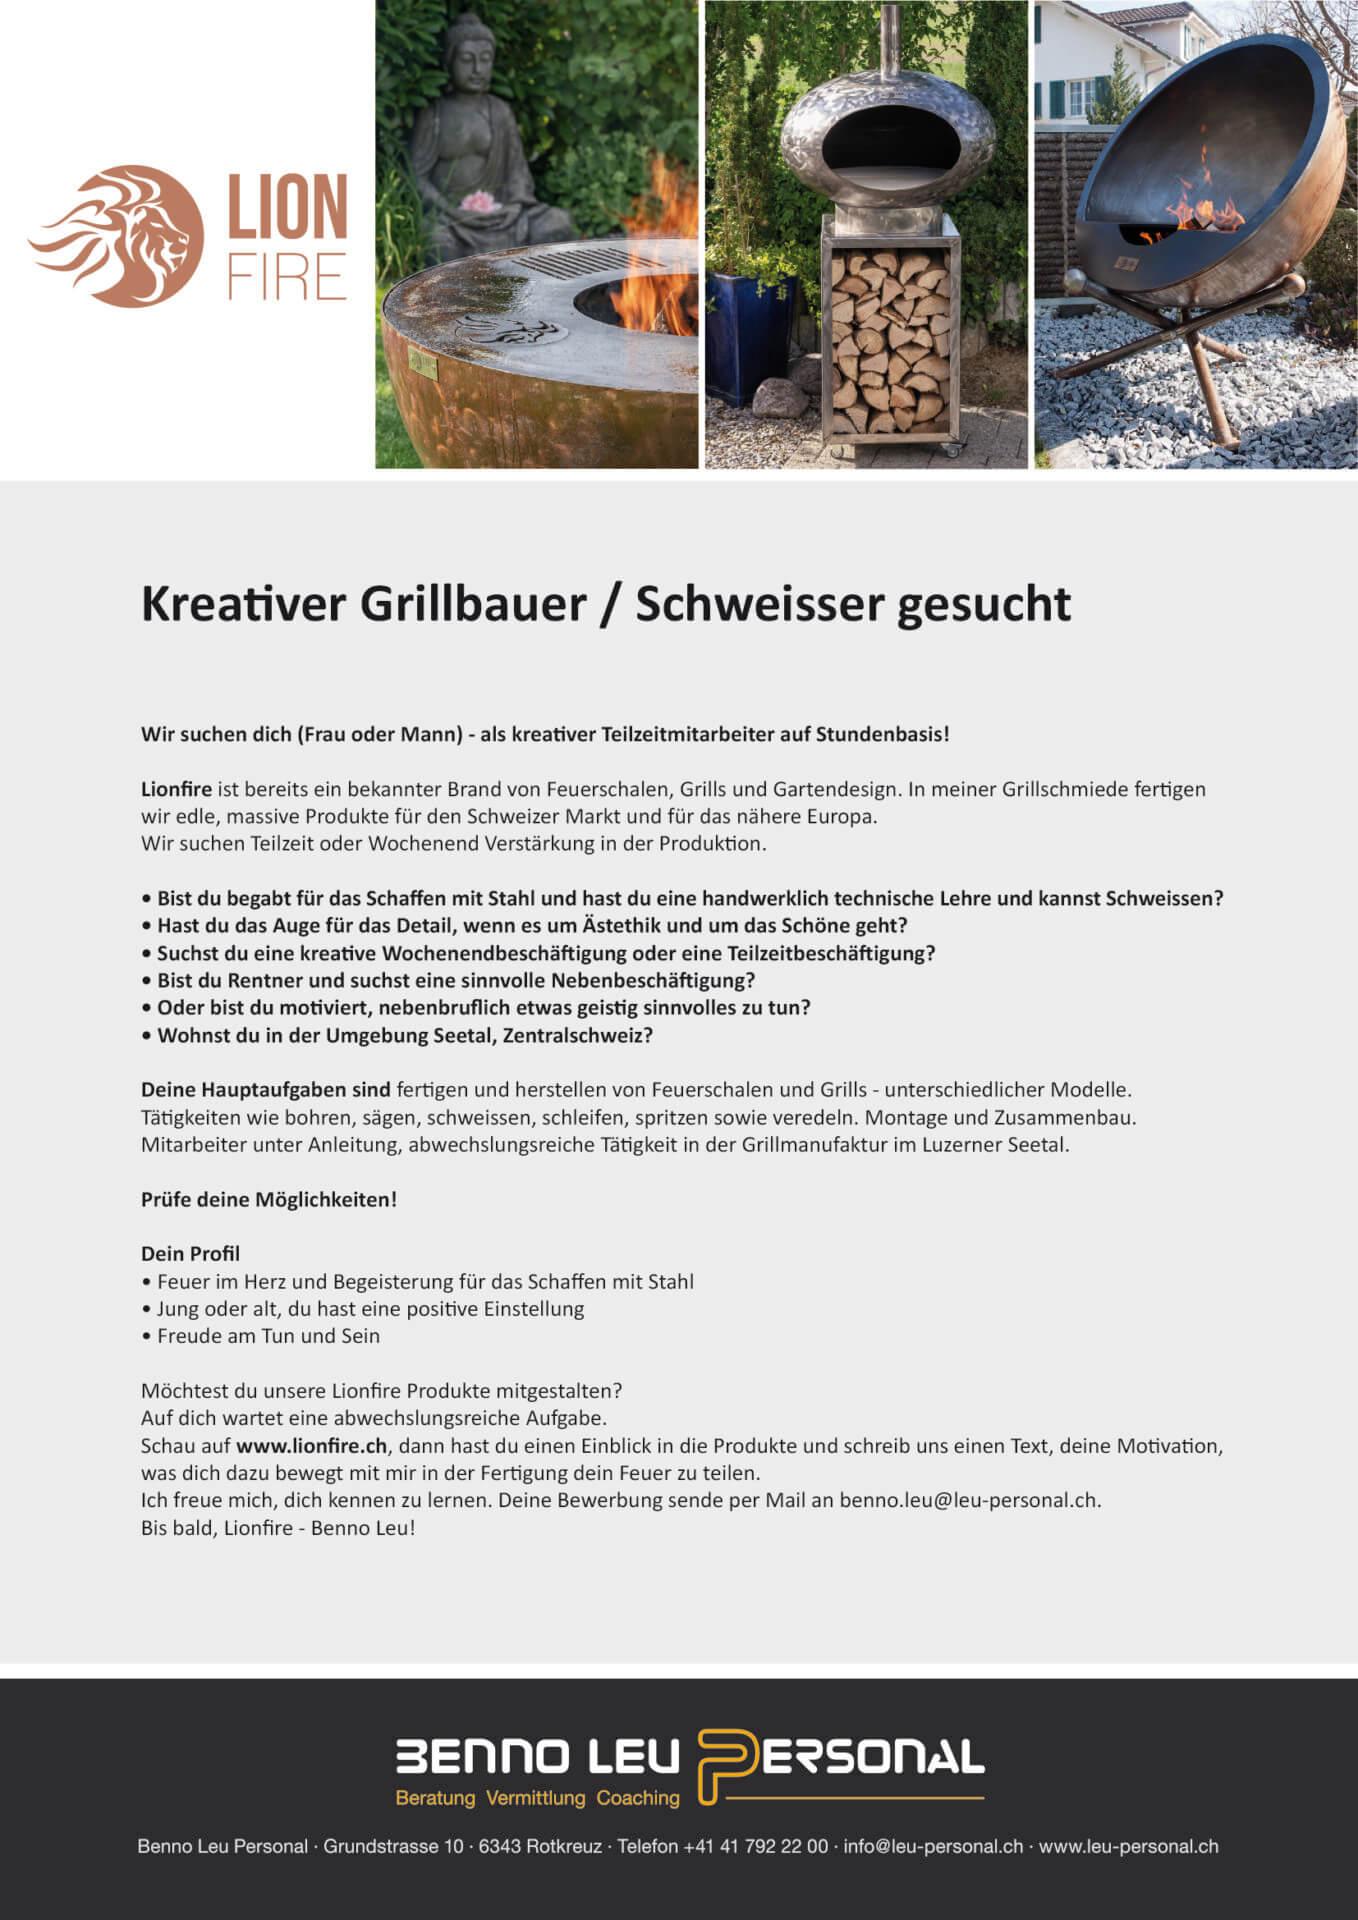 Kreativer Grillbauer / Schweisser gesucht